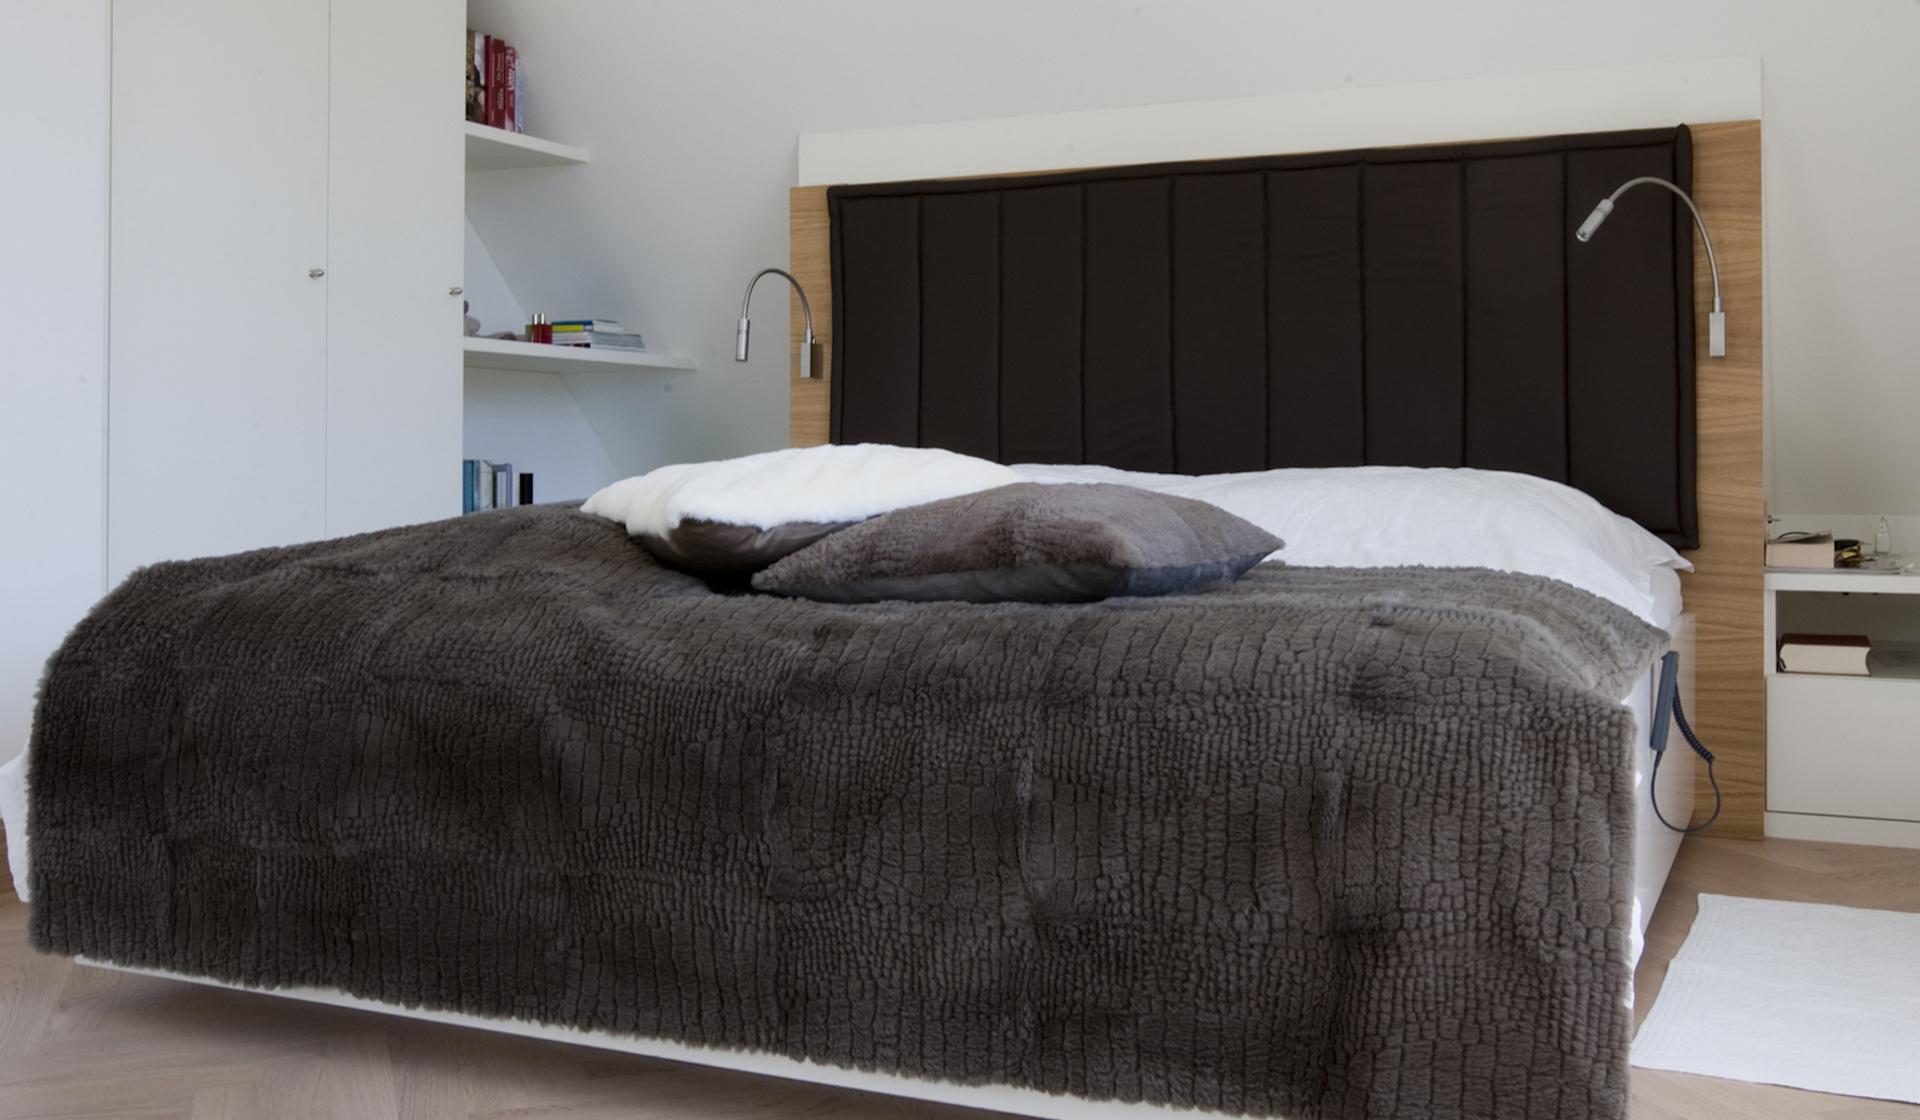 tischlerei-decker-villa-muenchen-schlafzimmer